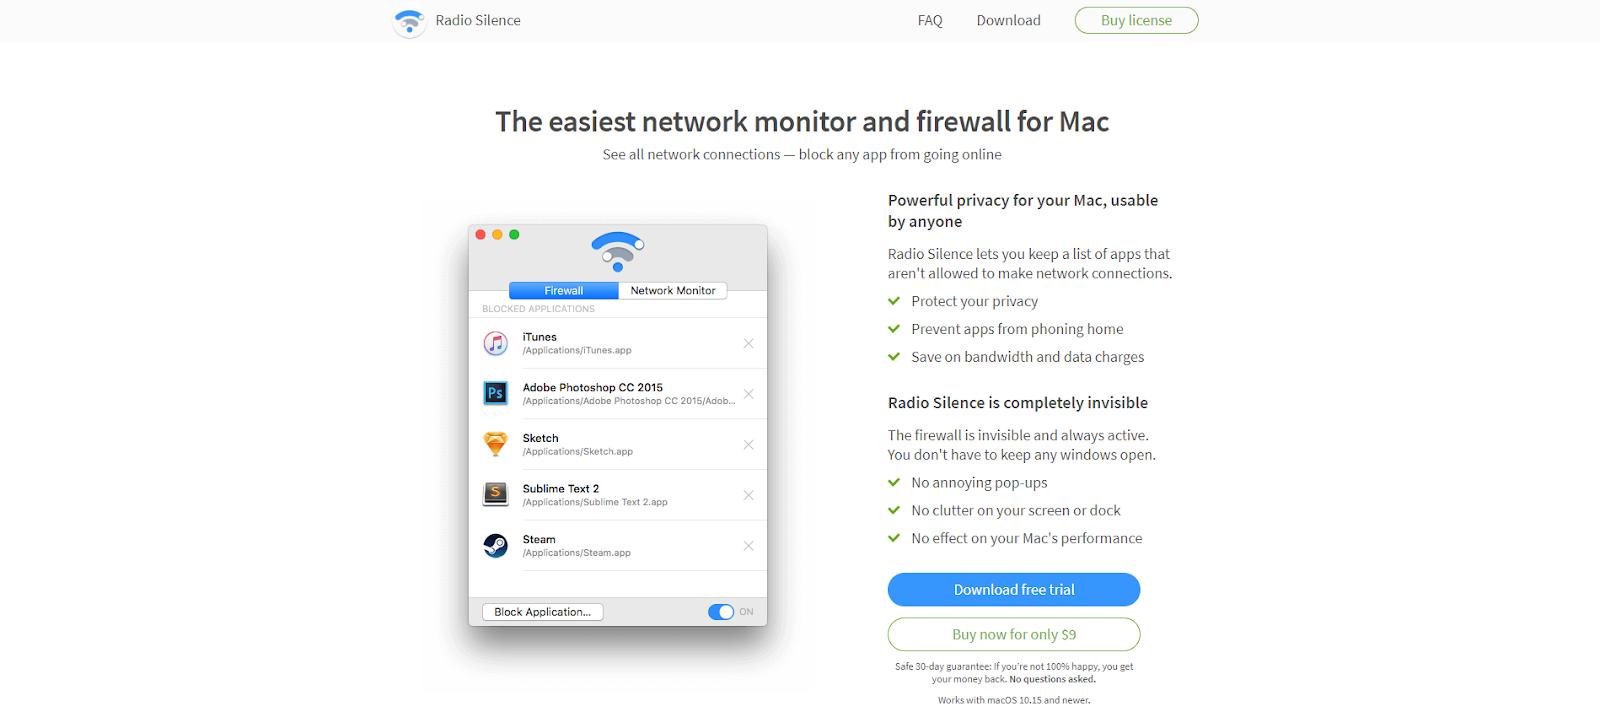 Mac Network Monitoring Software - Radio Silence